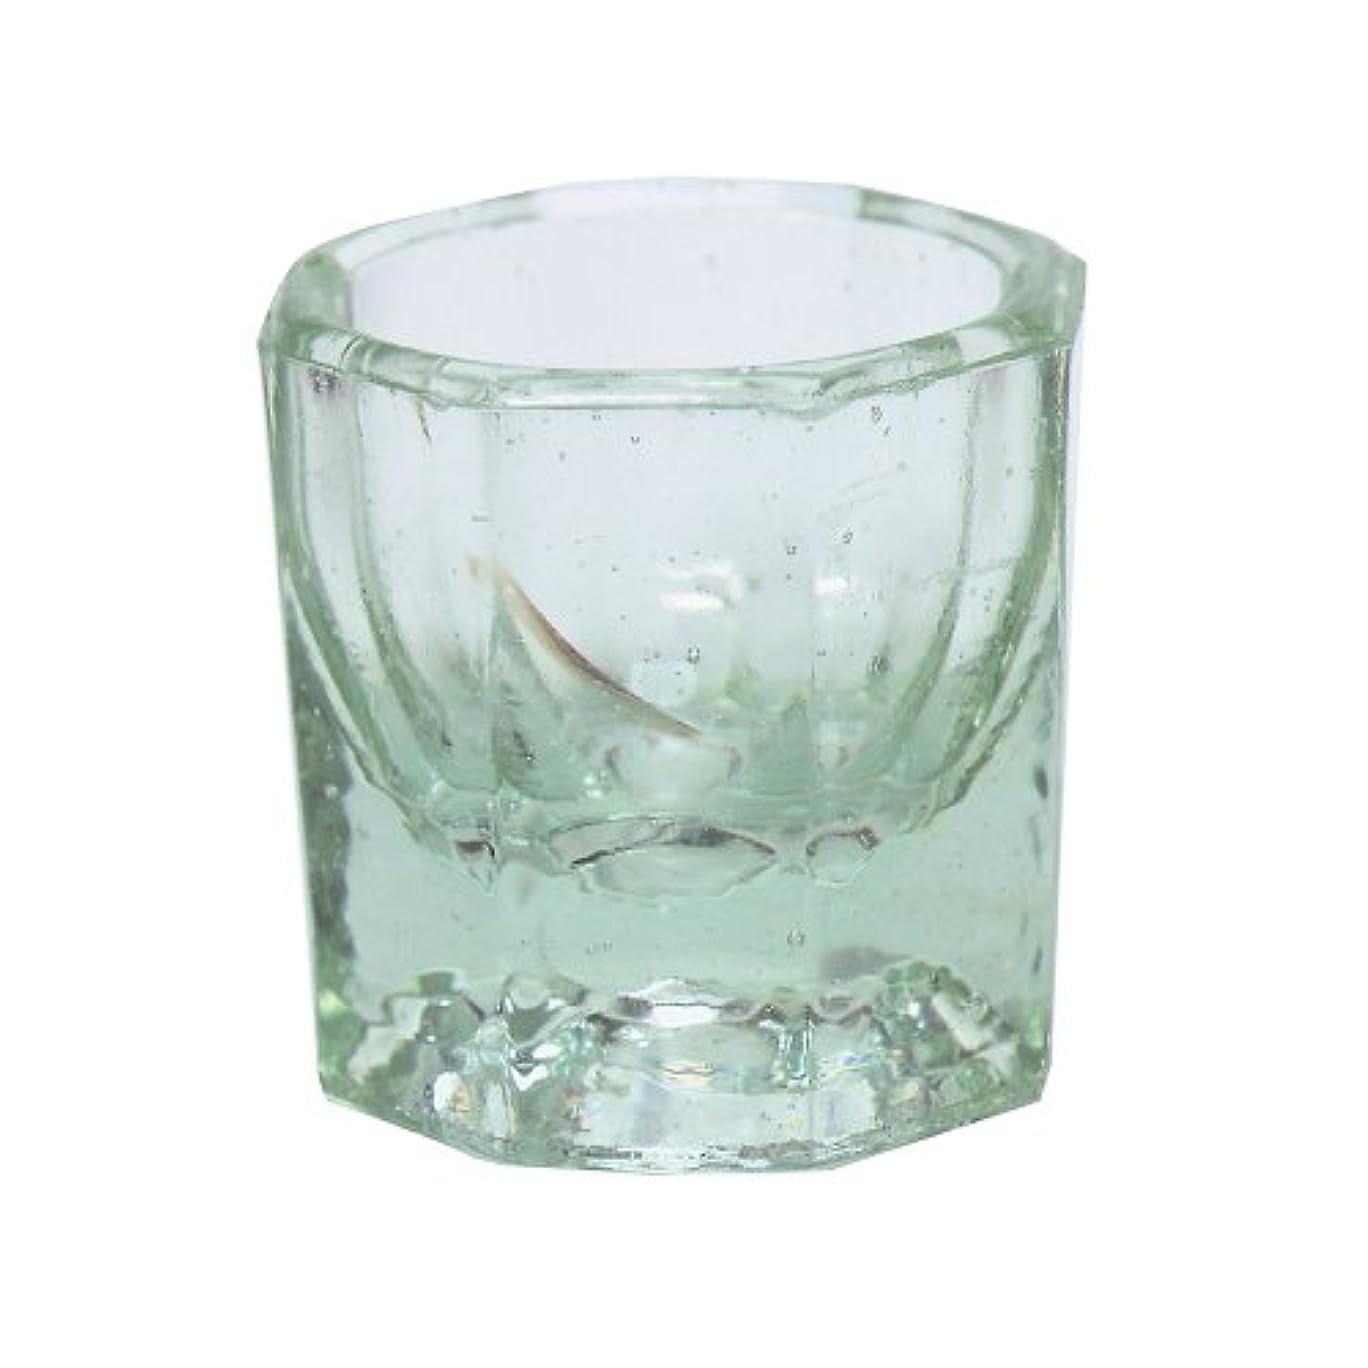 バクテリア難破船存在するupperx upperx(R)5パック、オールシーズンガラス皿